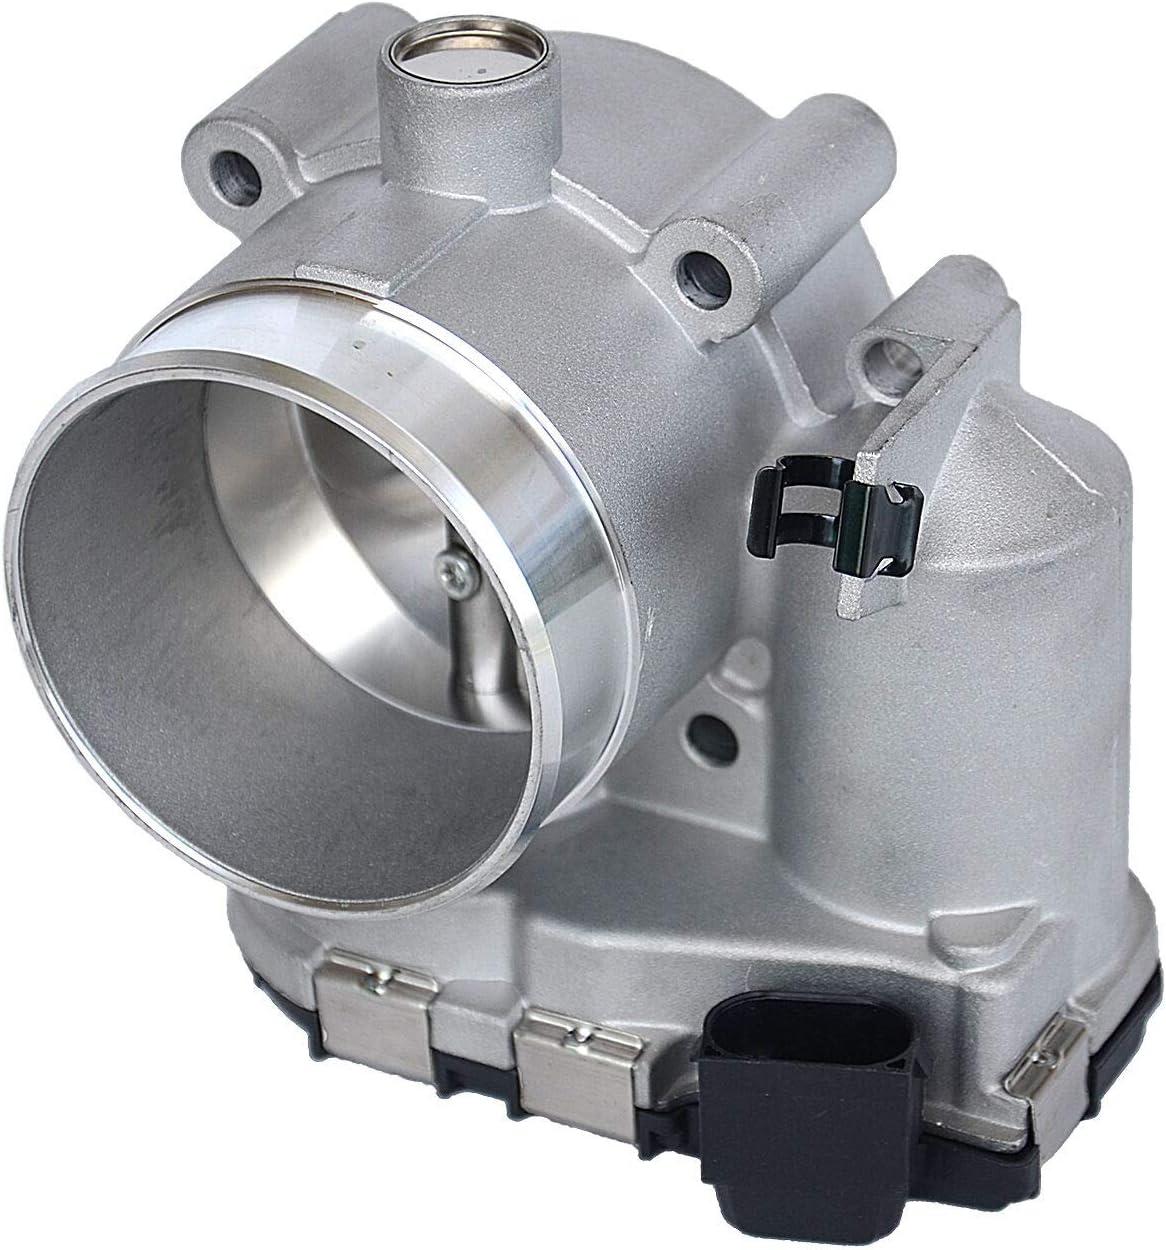 DV-E5 0280750151 Electronic Throttle Body 60mm For Uaz Hunter 2.7